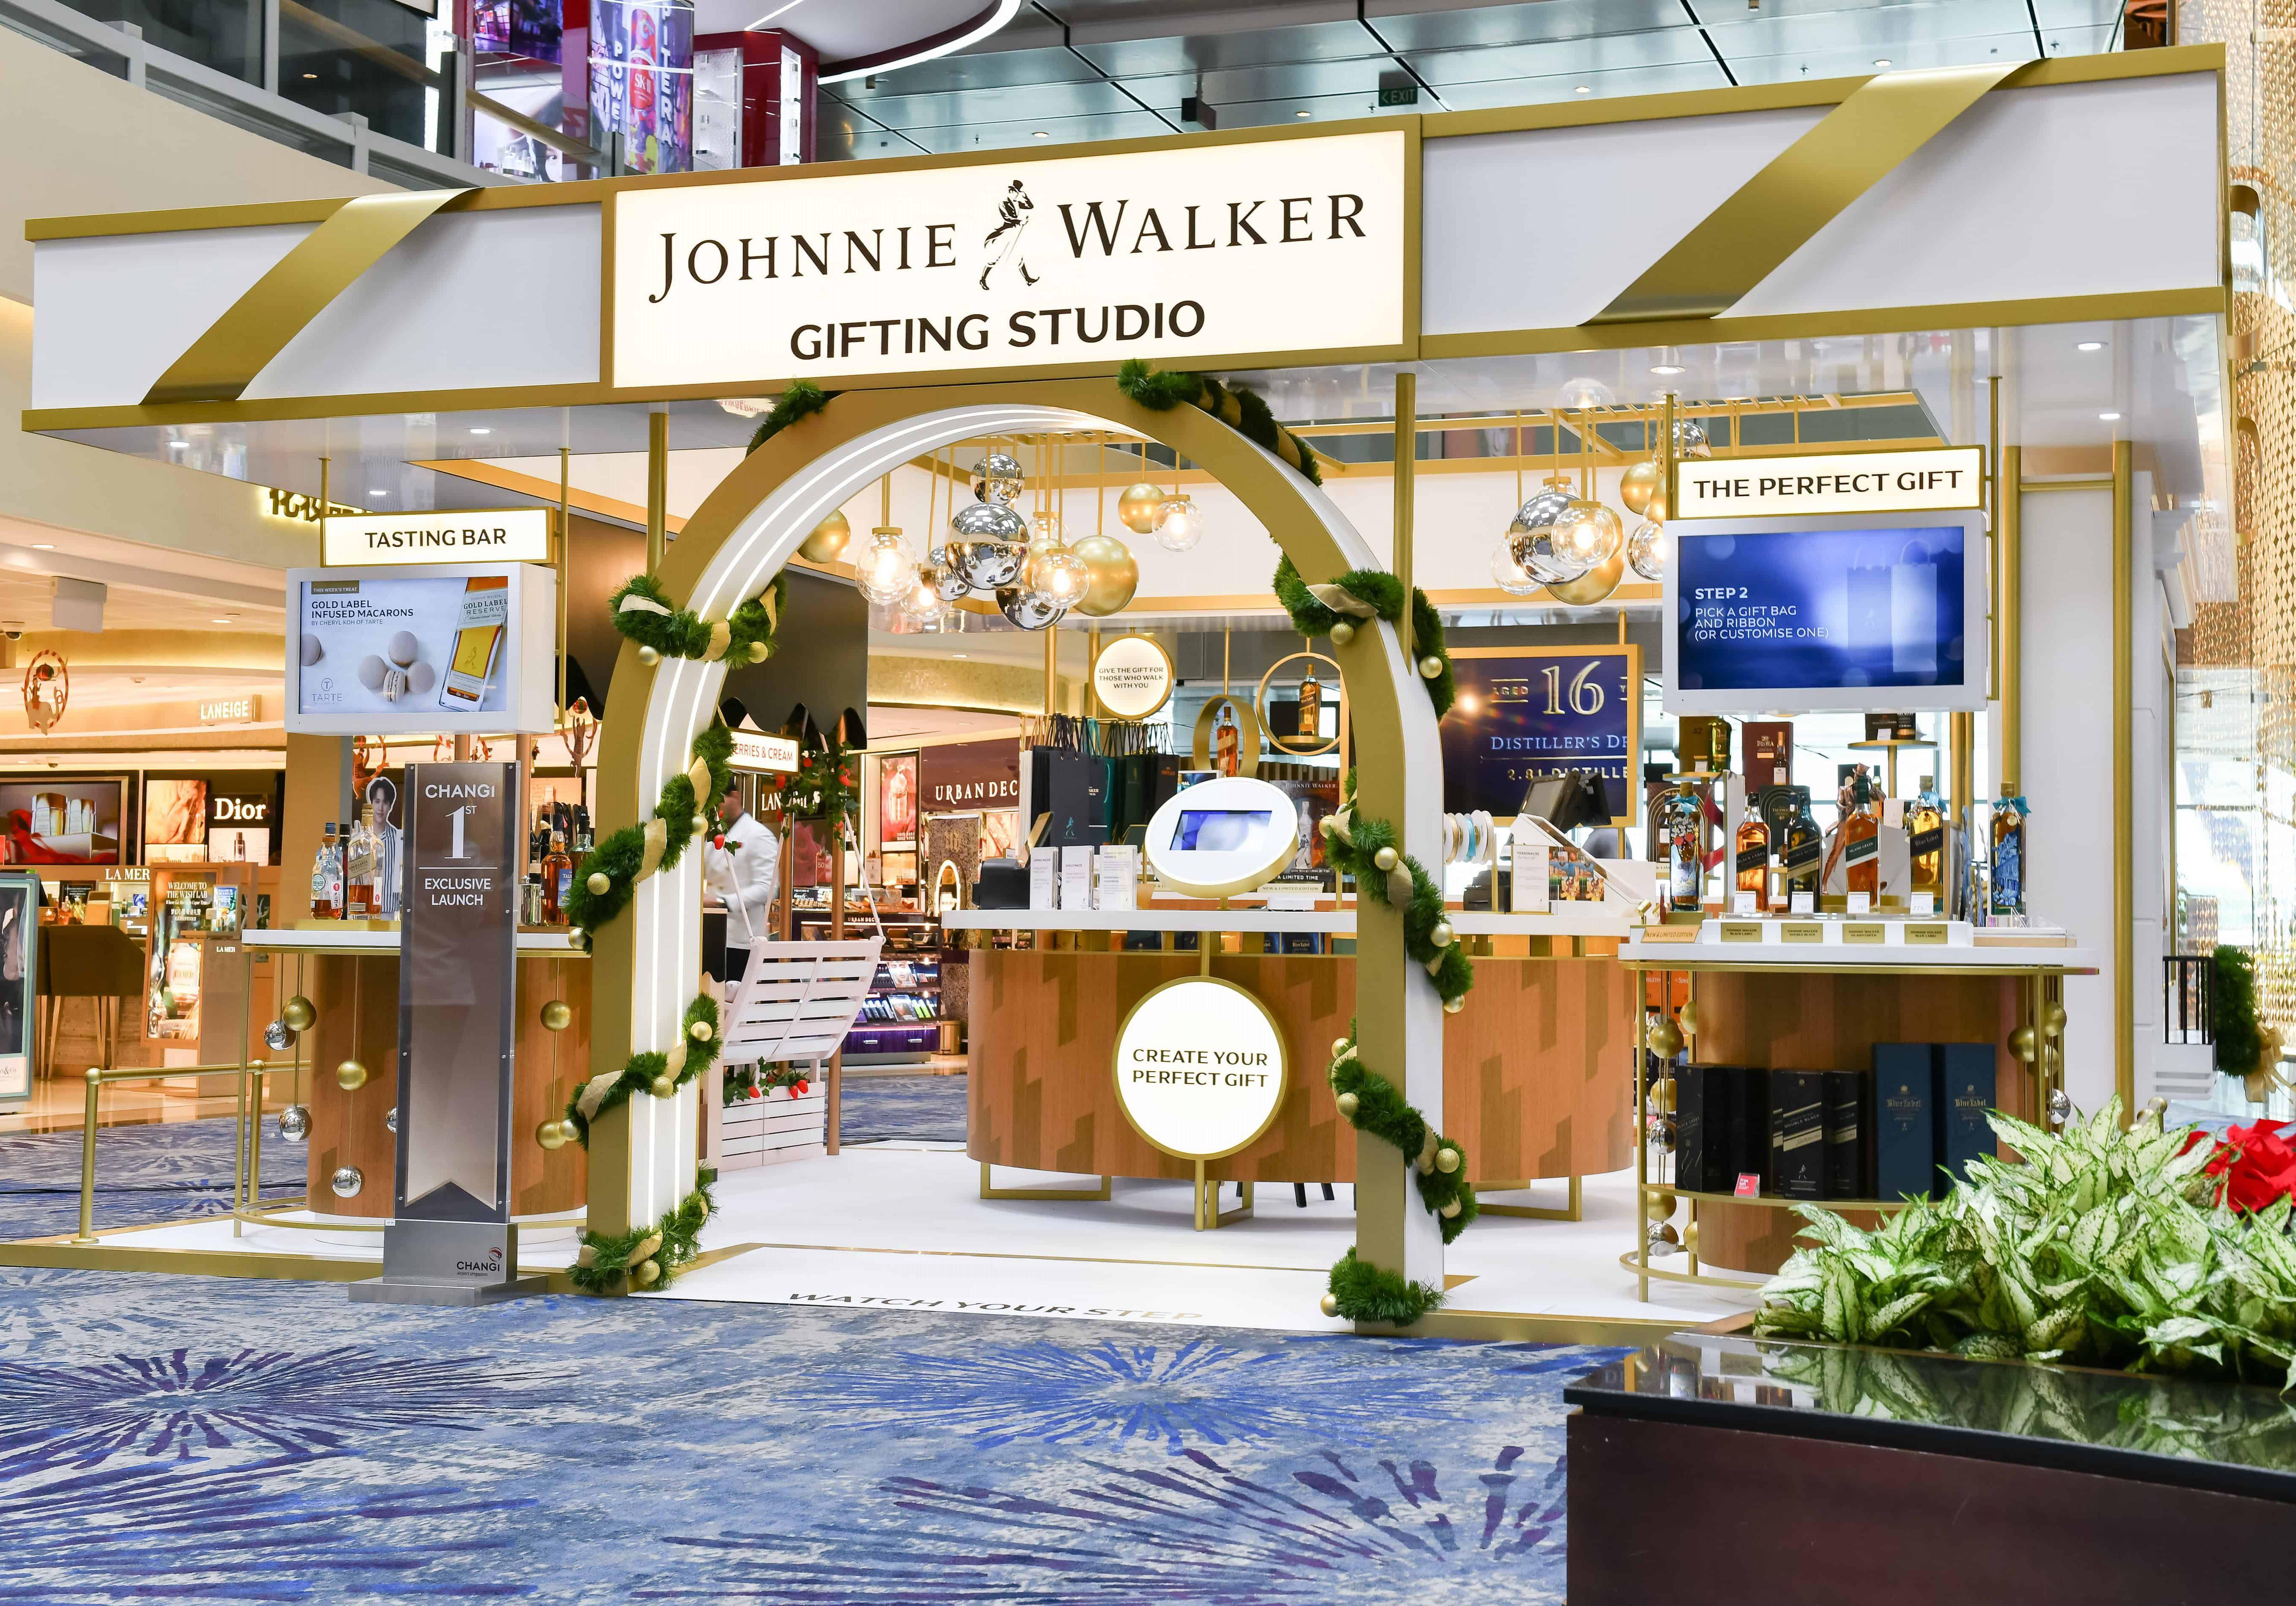 Johnnie Walker Gifting Studio_3